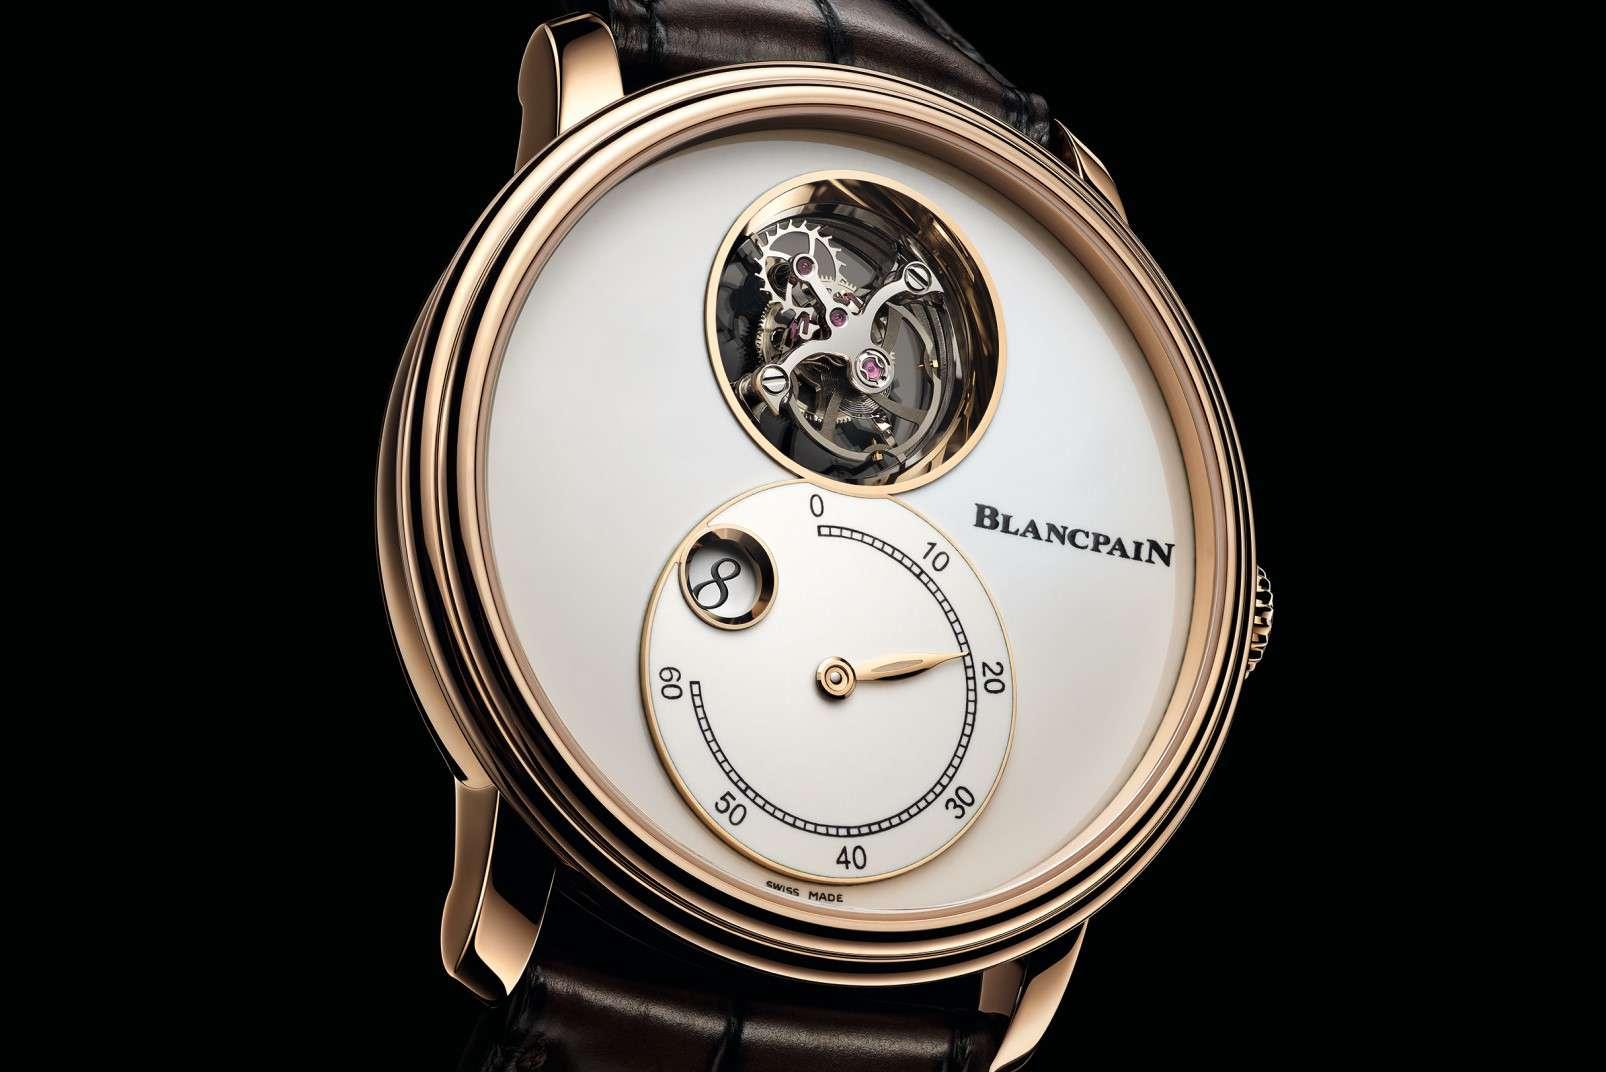 Blancpain Villeret Tourbillon Volant Heure Sautante Minute Rétrograde 66260-3633-55B